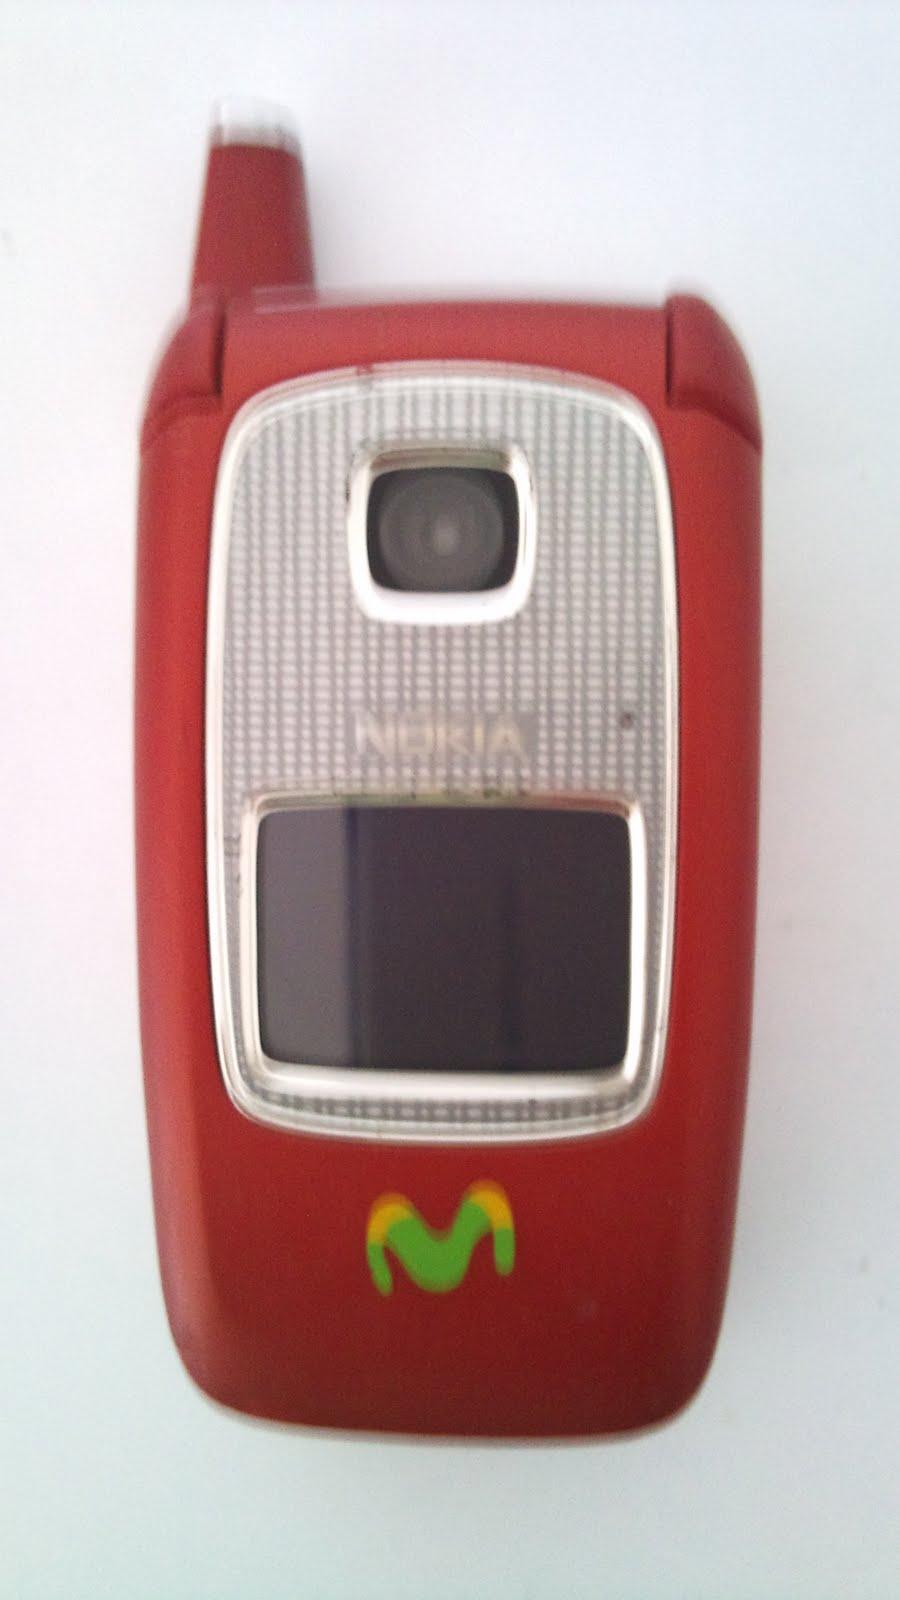 Moviles de segundamano las palmas nokia 5130c 6103 2720 for Moviles baratos las palmas